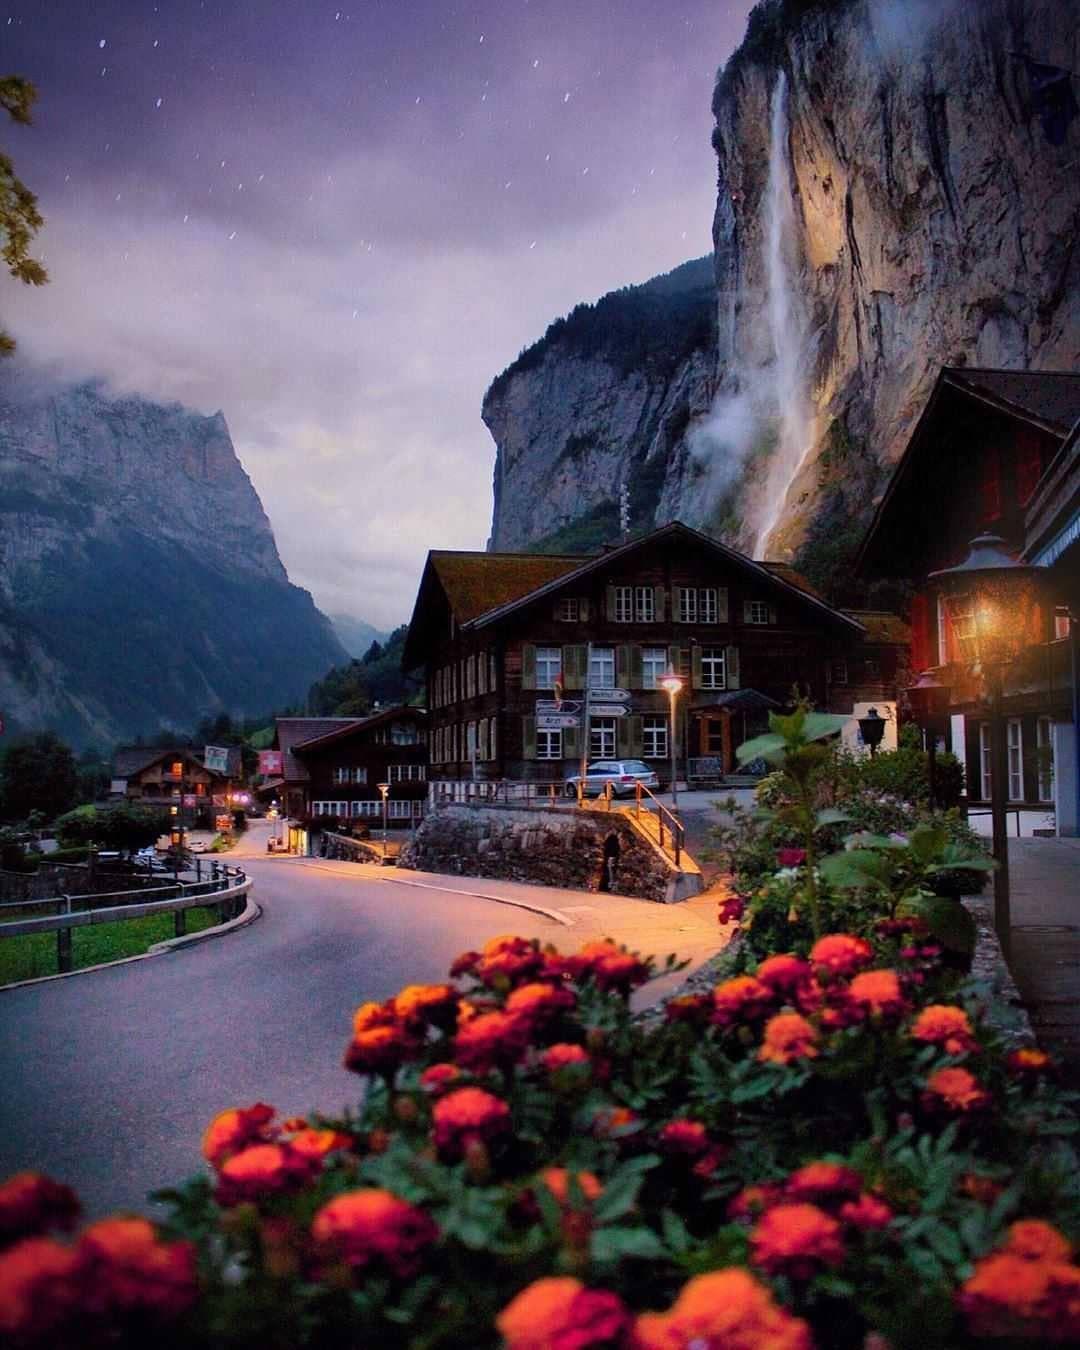 Les Plus Beaux Paysages D Europe : beaux, paysages, europe, Europestyle_, #europestyle_, Destinations, Europe, Centrale, L'ouest, Eu…, Paysage,, Beaux, Paysages,, Paysages, Magnifiques